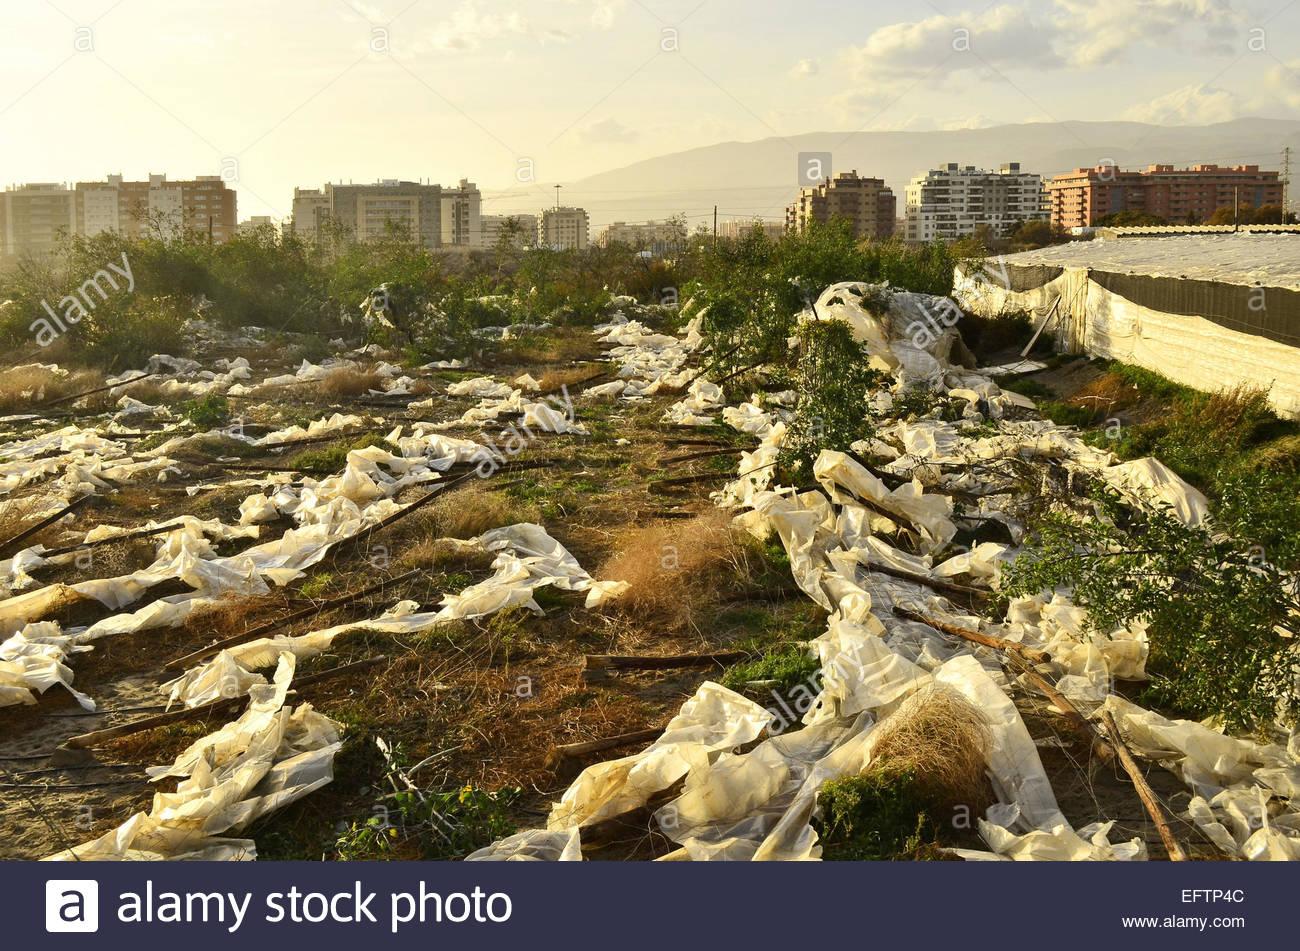 Jonque de vieille serre plastique , Almeria Espagne du sud de l'Europe. Banque D'Images